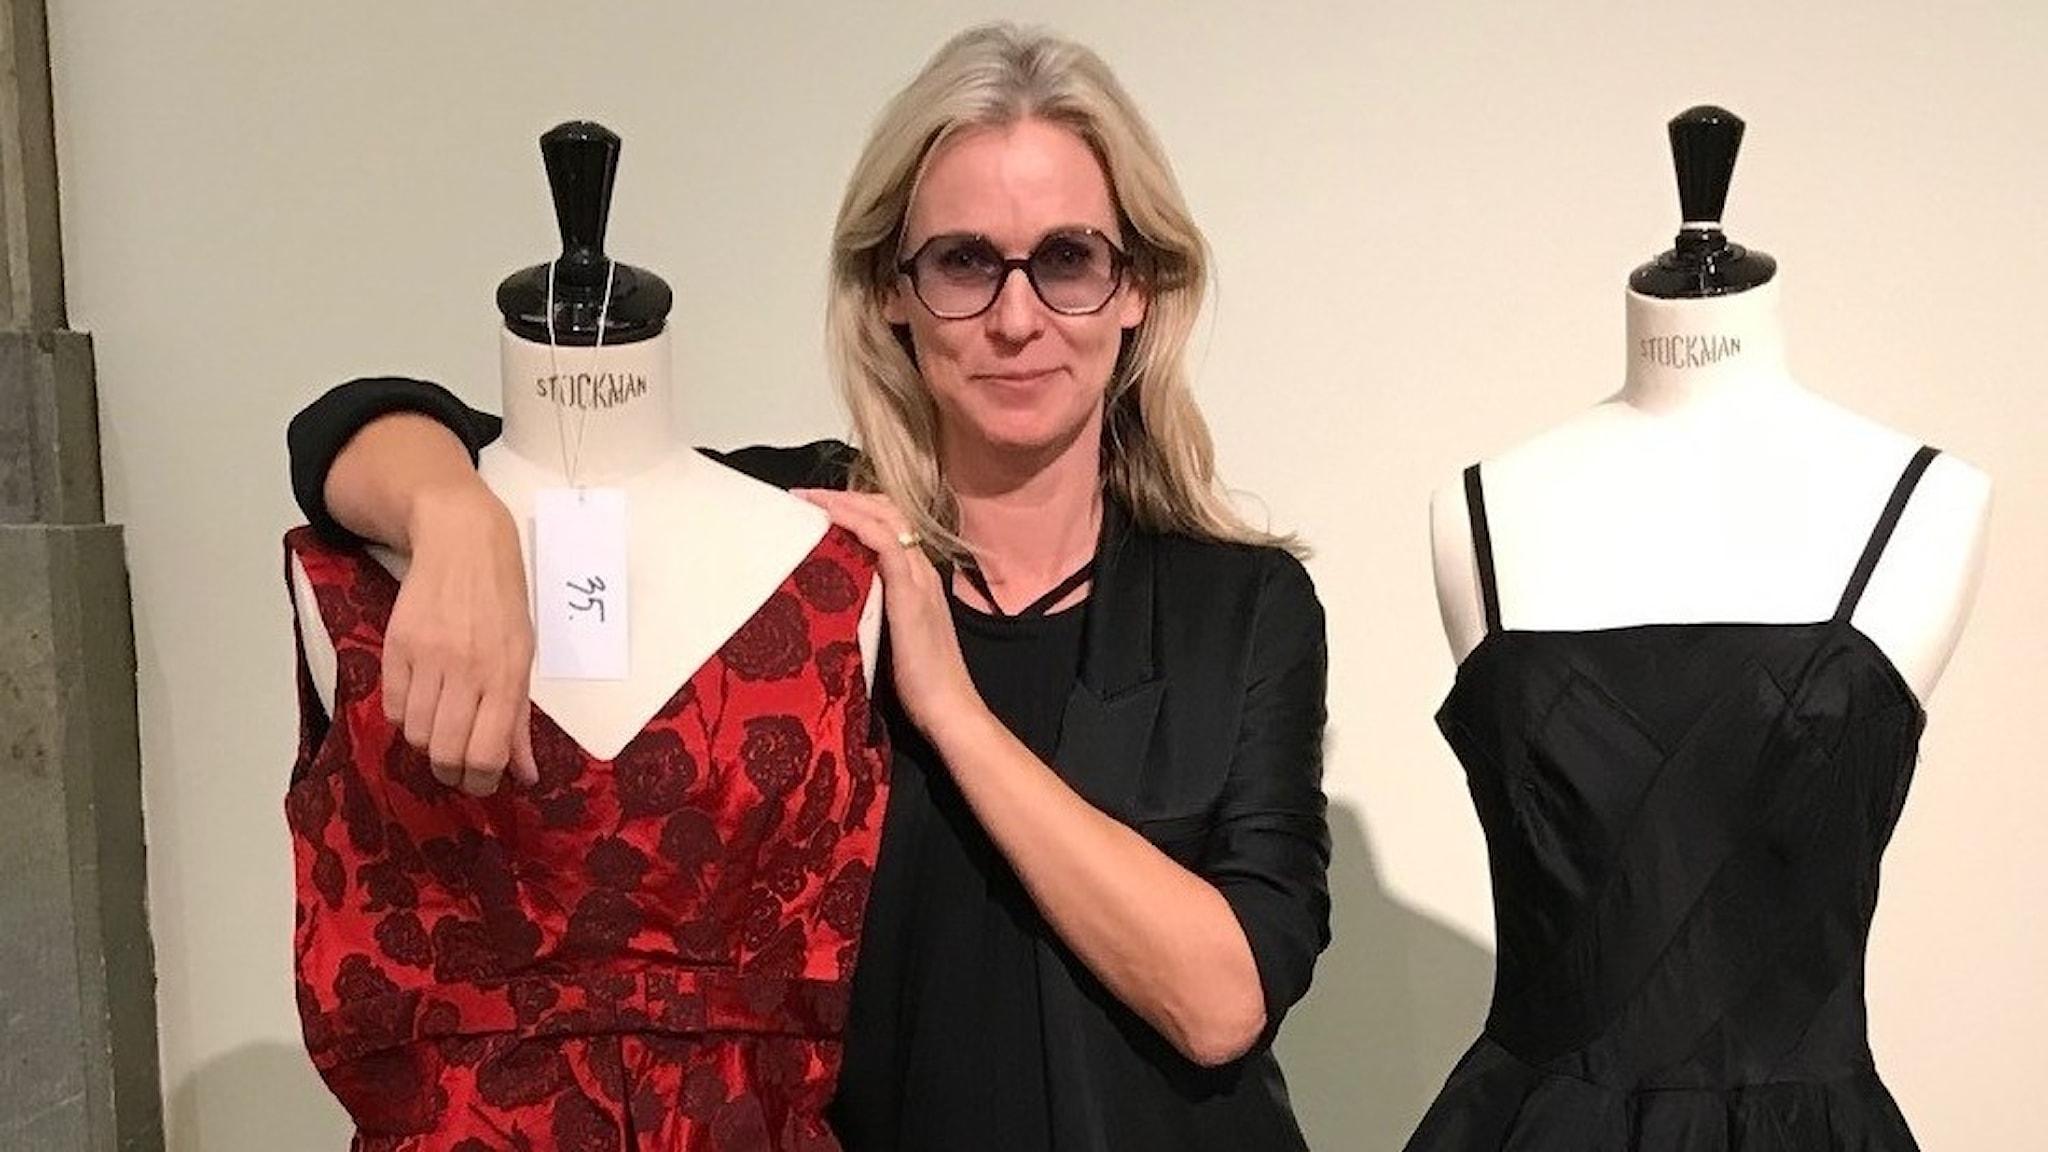 Susanna Strömquist i svart klänning tittar leende in i kameran. På vardera sidan om henne står en provdocka med en klänning på, en är röd, en är svart. Det är festklänningar från skrädderiet NKs franska damskrädderi.